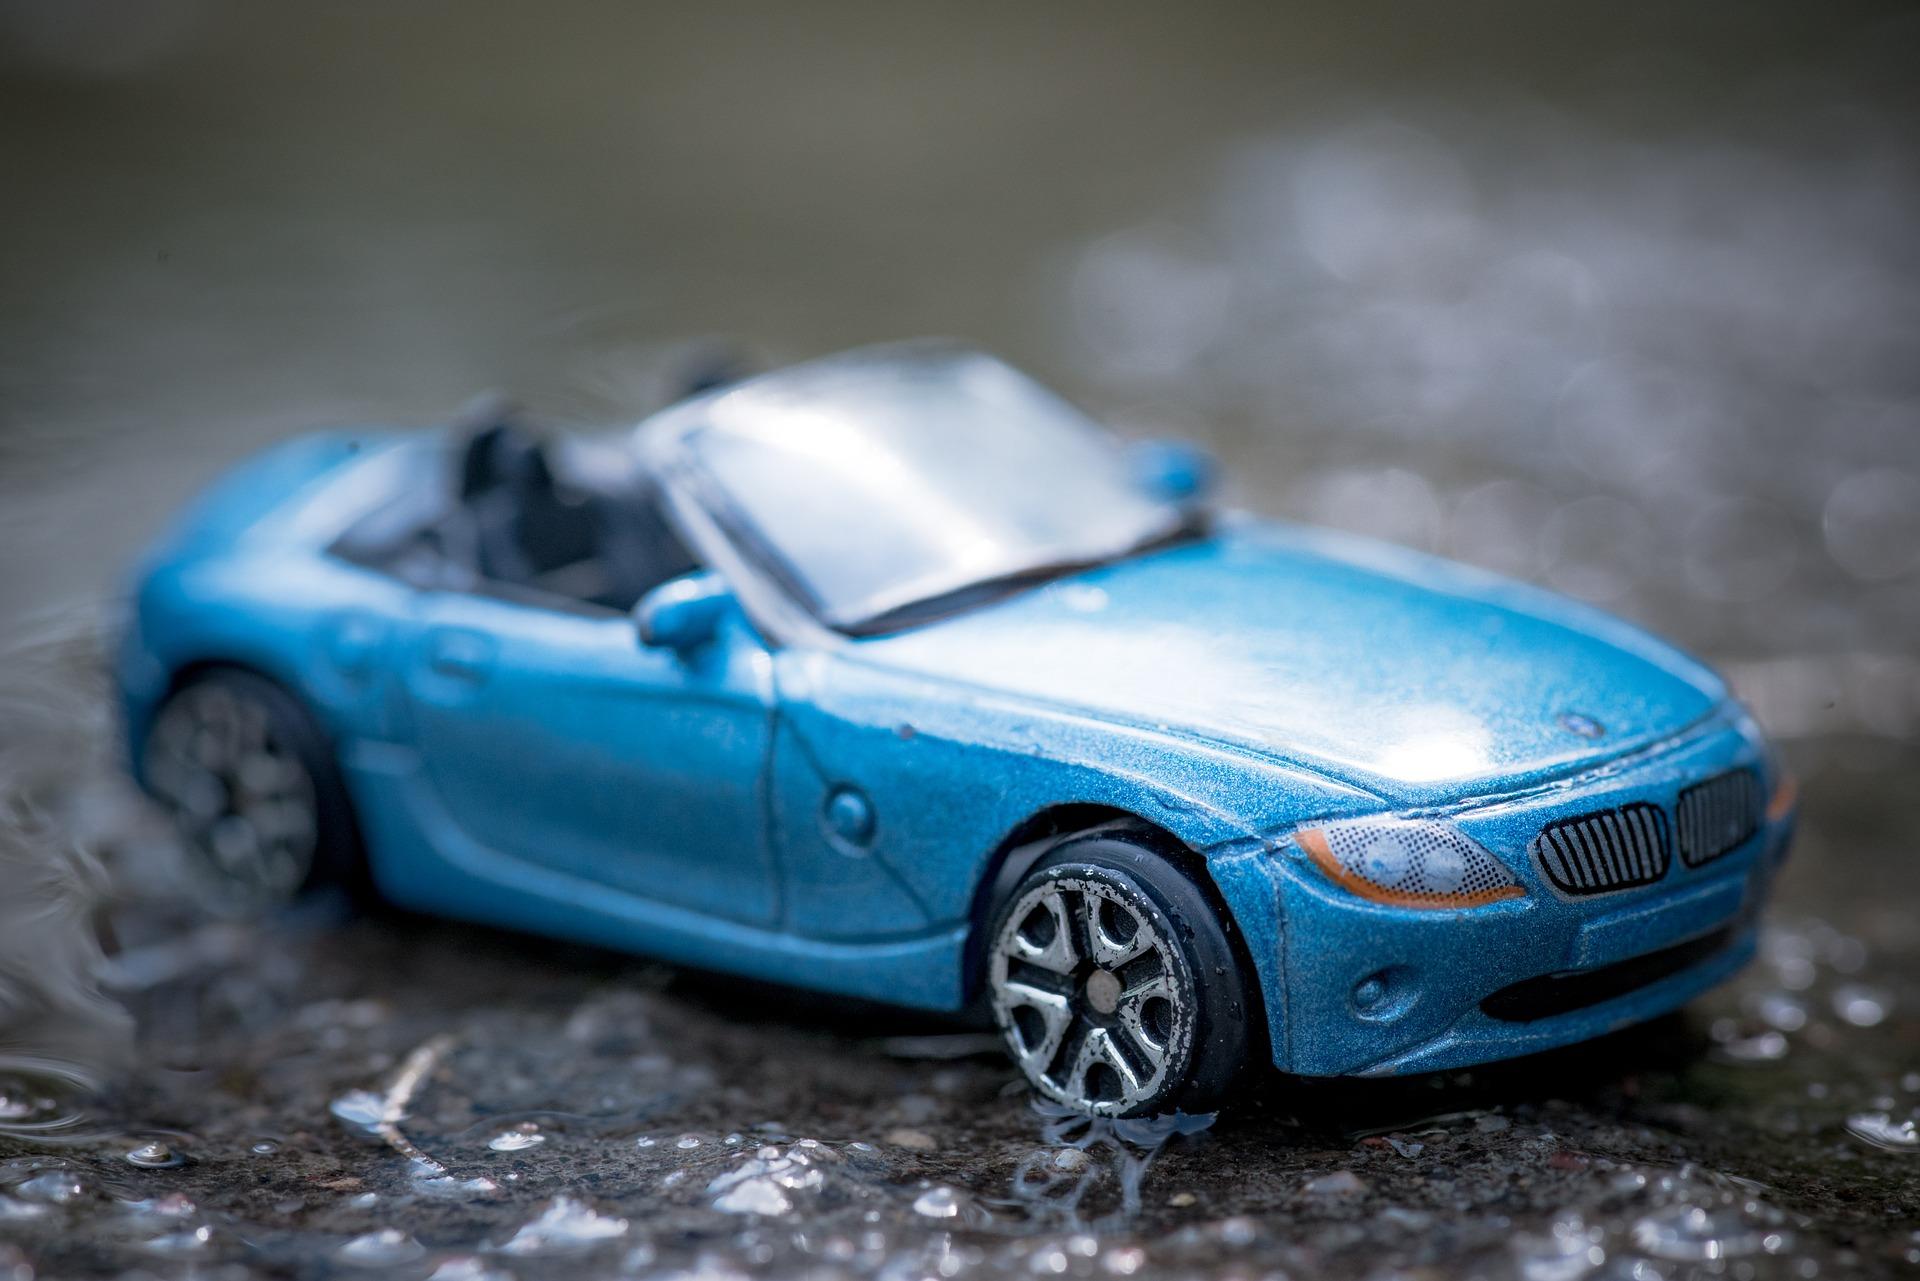 Blue Car, Auto, Automobile, Blue, Car, HQ Photo